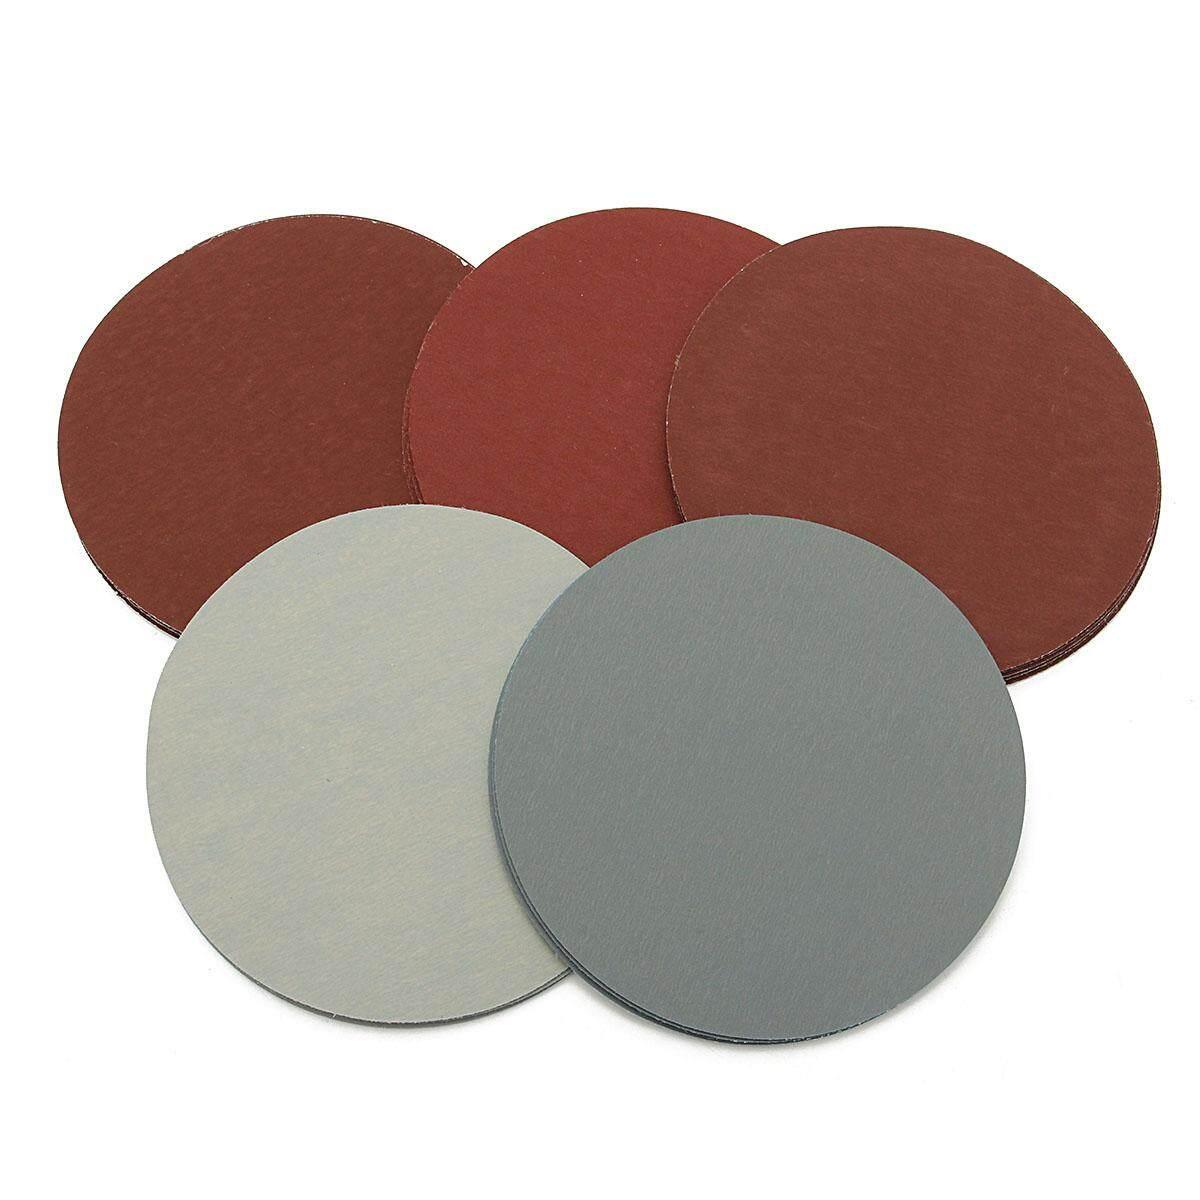 500X 5 Round Grit 1000 1500 2000 2500 3000 Sanding Discs Hook Loop Sandpaper